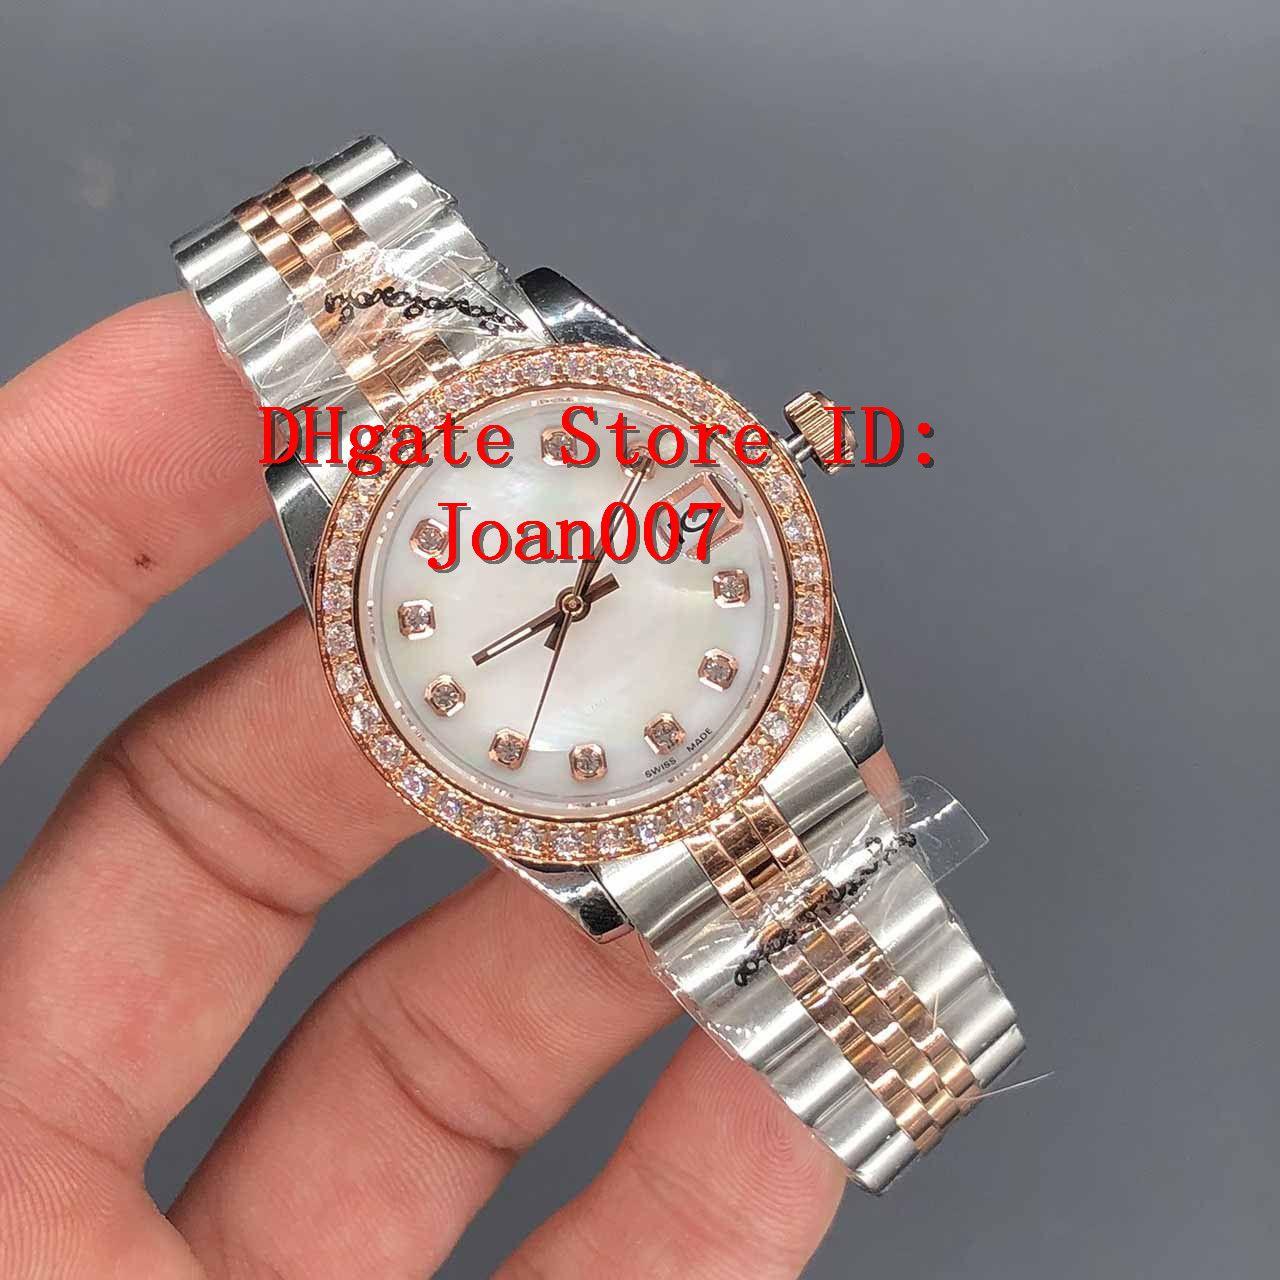 Uhr-beste Qualität President Diamant-Lünette Frauen Stainless Uhren Der niedrigste Preis Damen der Frauen automatische mechanische Armbanduhr 31mm